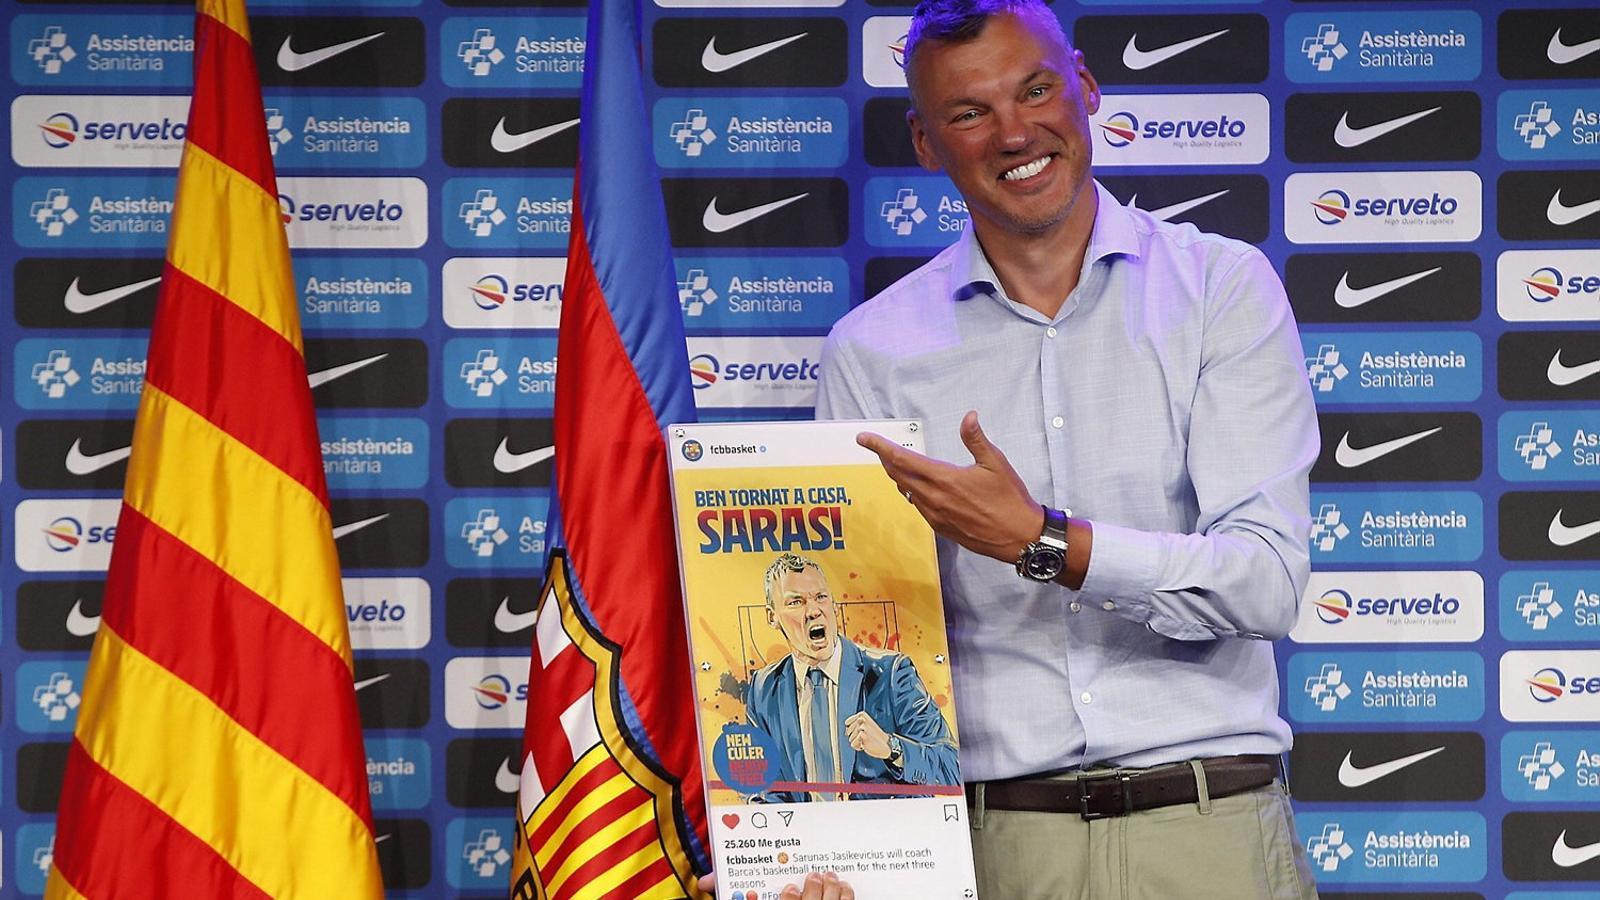 El soci 86.993 agafa el timó del Barça